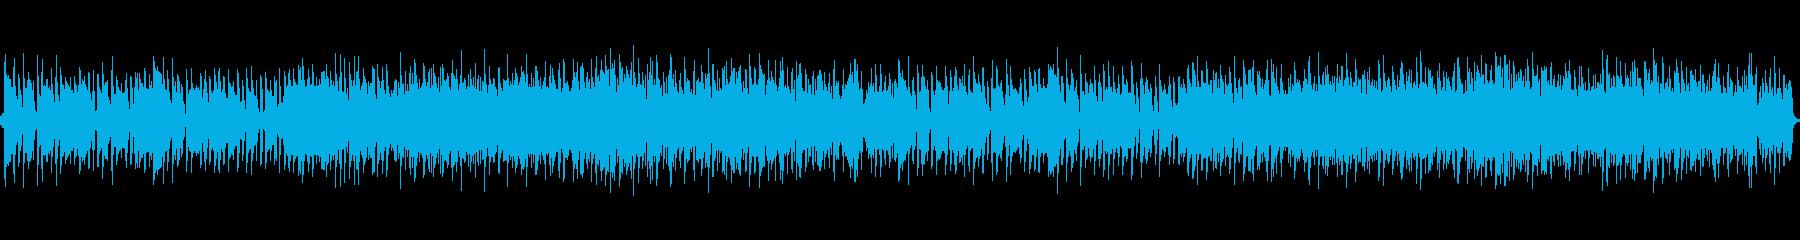 軽快でおしゃれなボサノバBGMの再生済みの波形